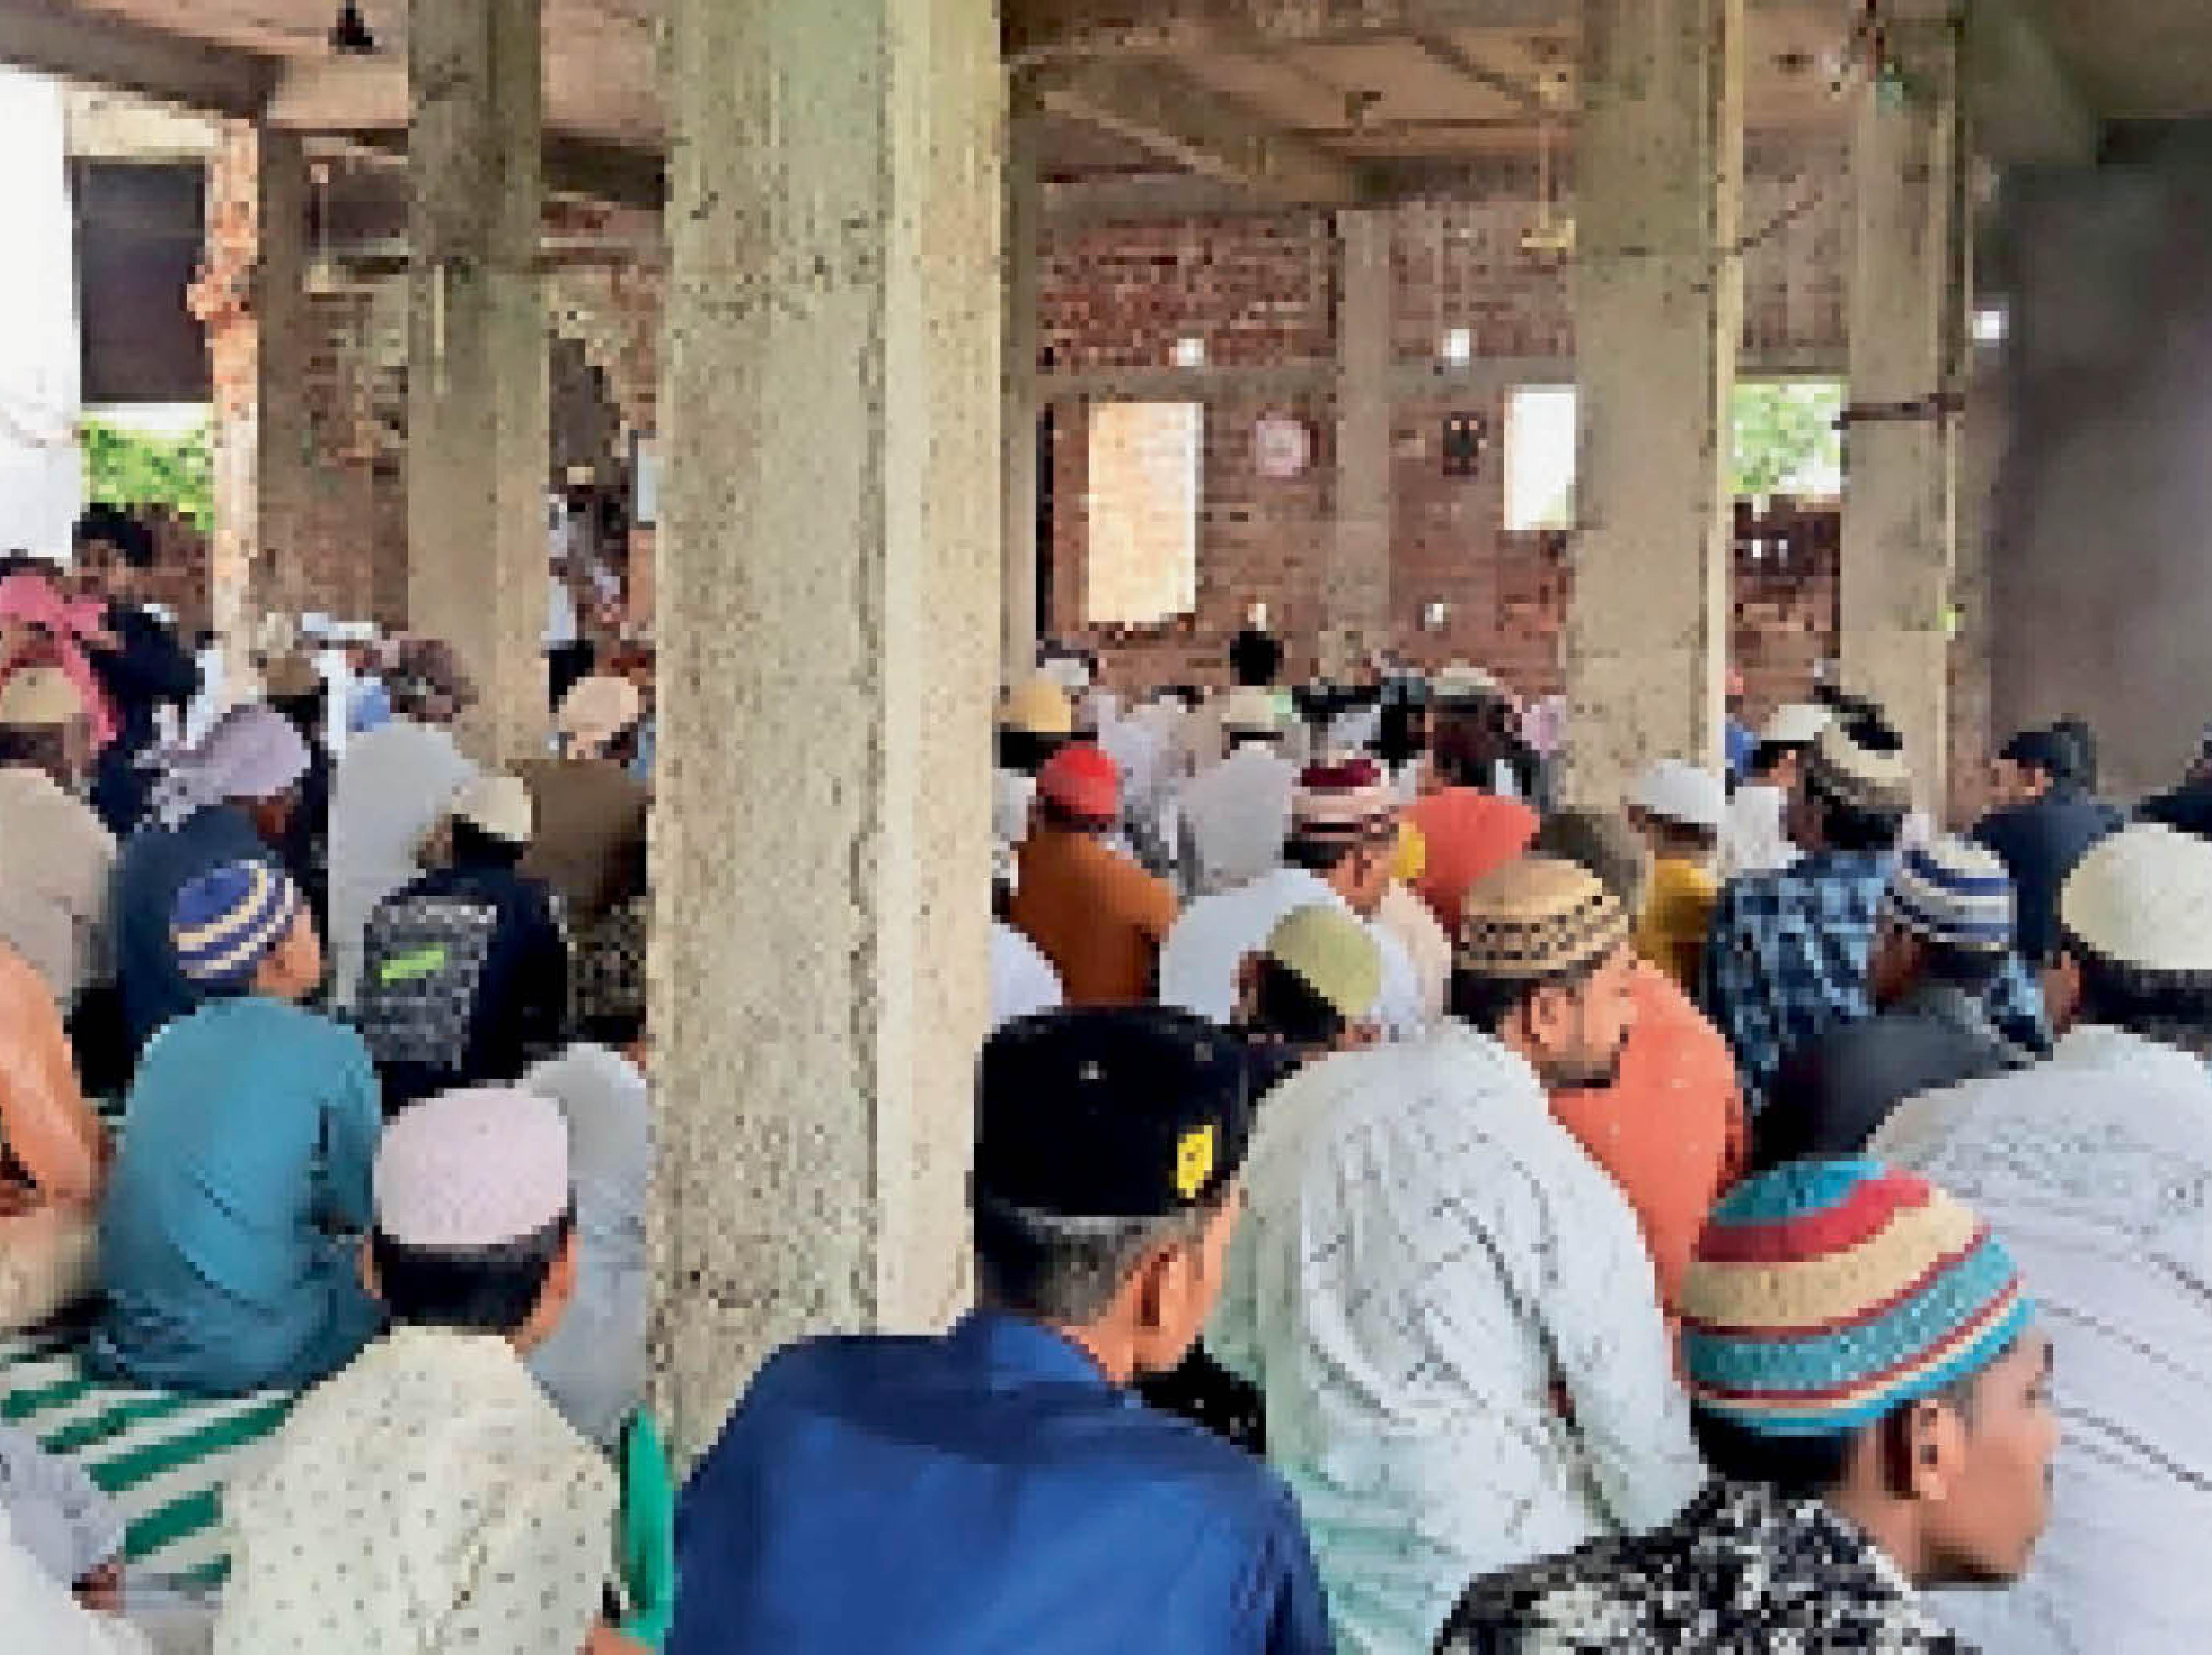 छतरपुर  बकरीद की नमाज अता करते हुए मुस्लिम समाज के लोग। - Dainik Bhaskar